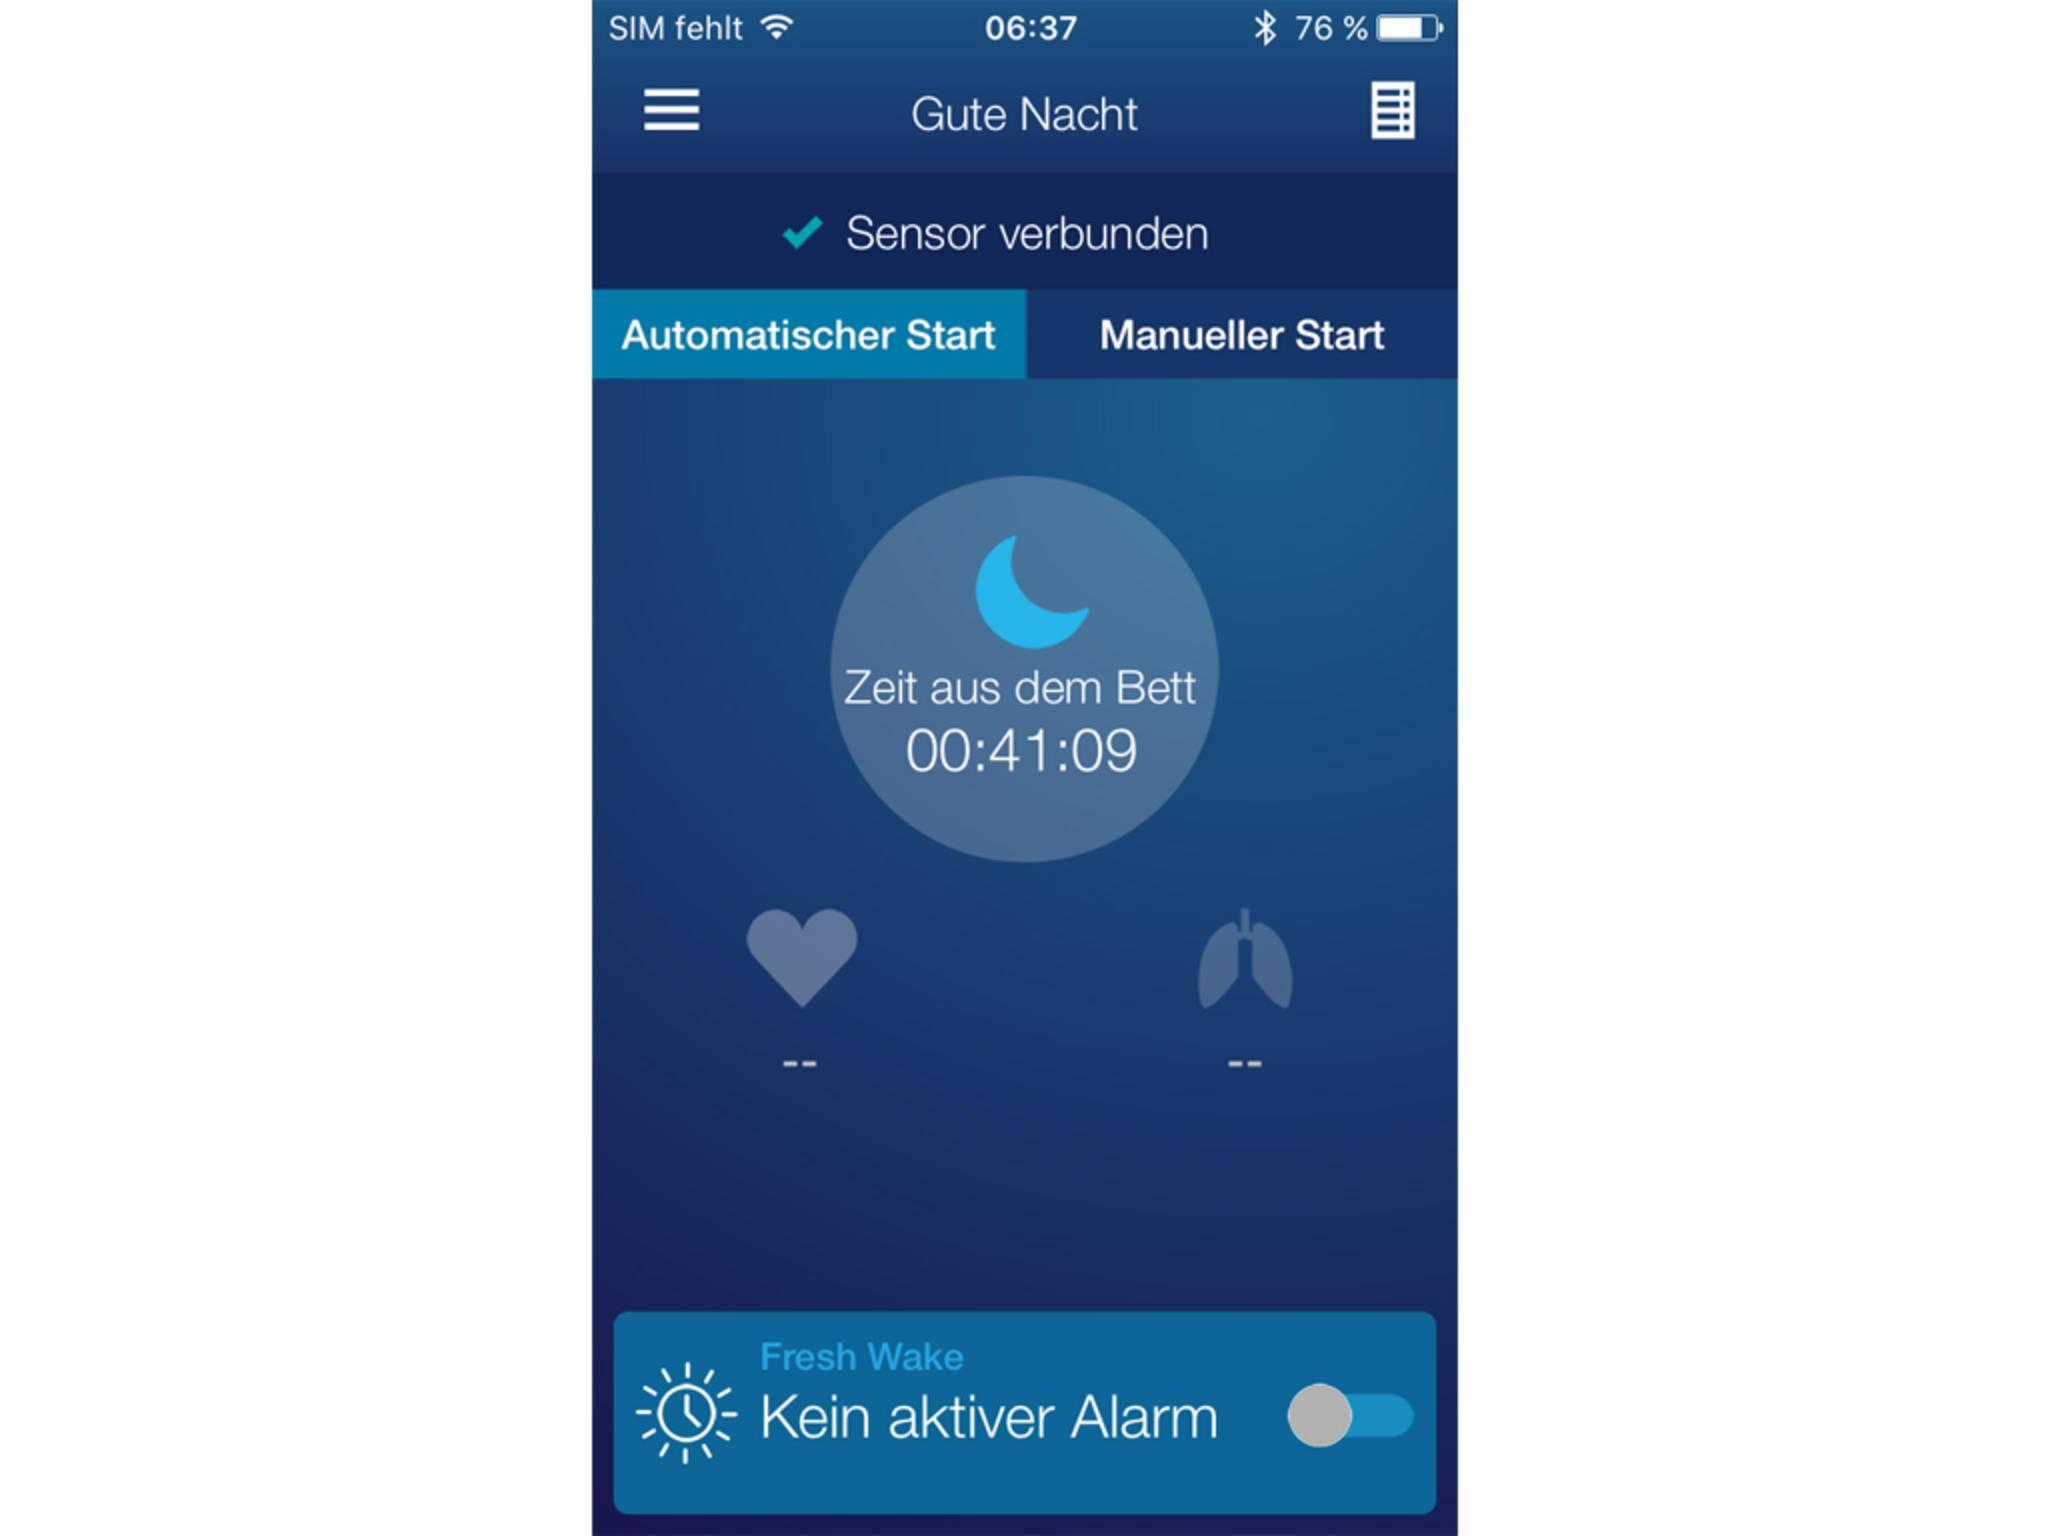 Wann man ins Bett geht und aufsteht, erkennt der Sensor automatisch.